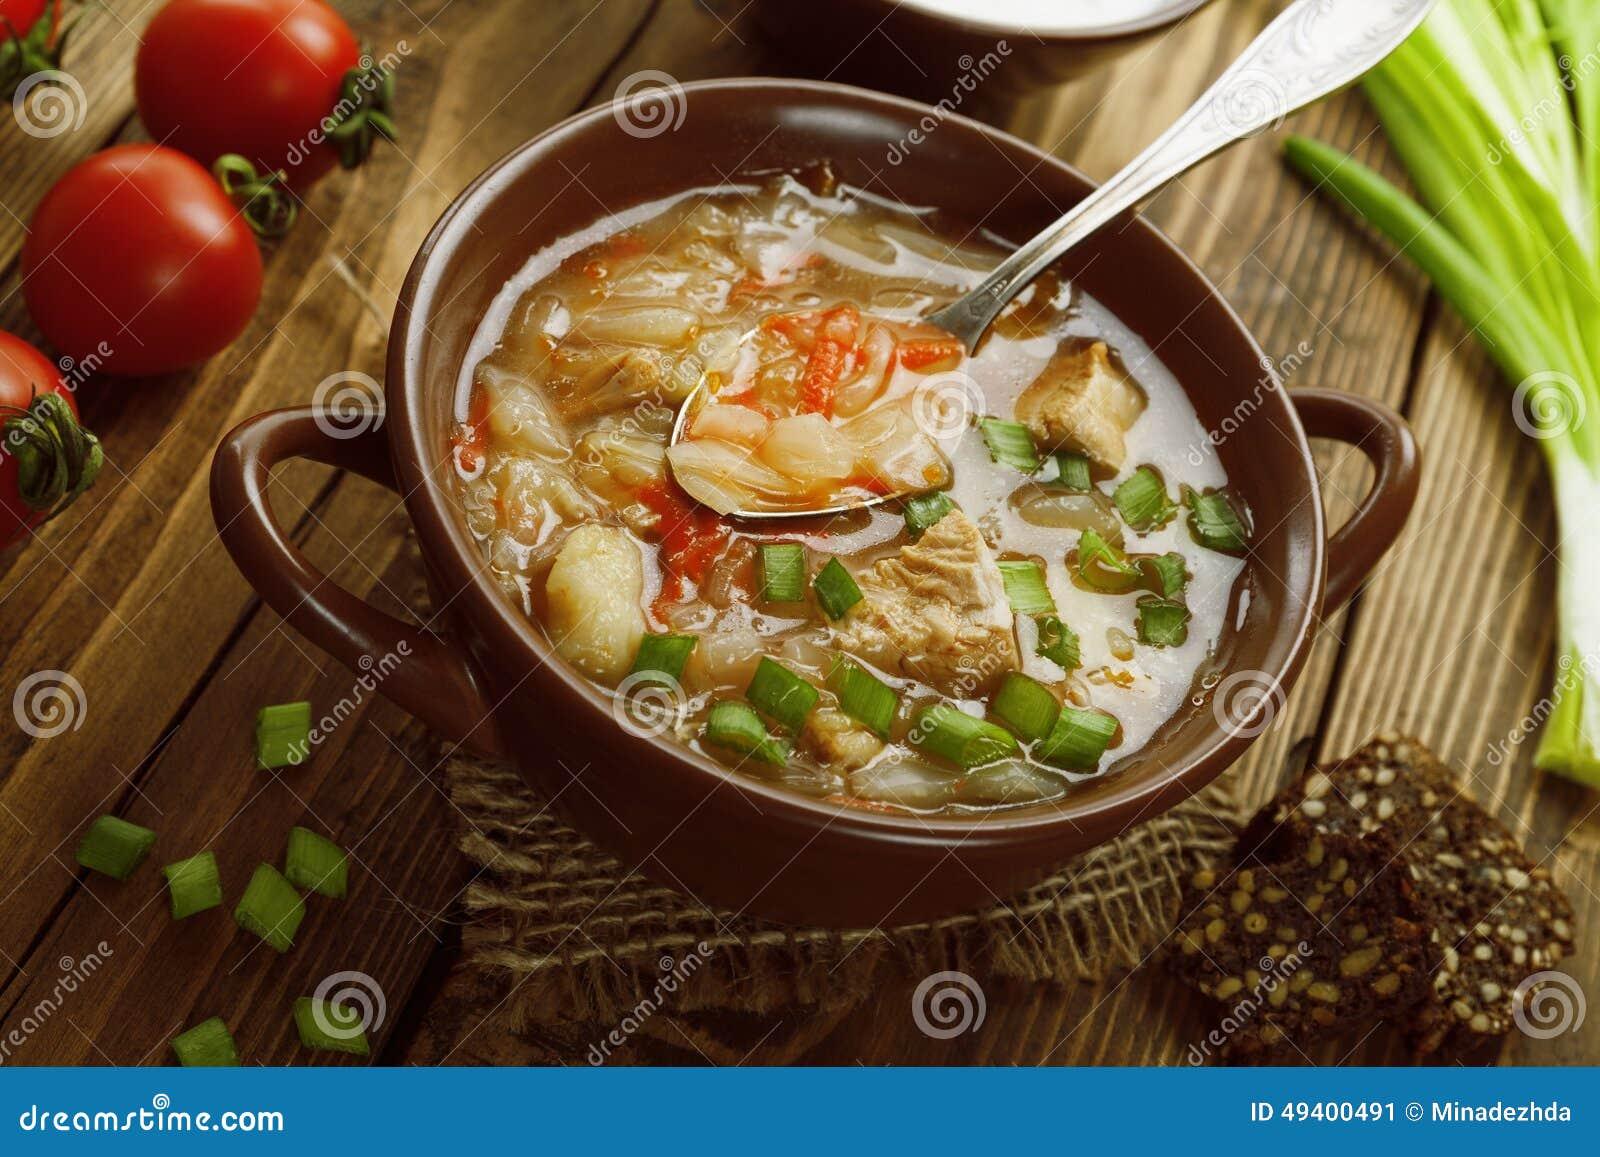 Download Suppe mit Kohl und Fleisch stockbild. Bild von kochen - 49400491